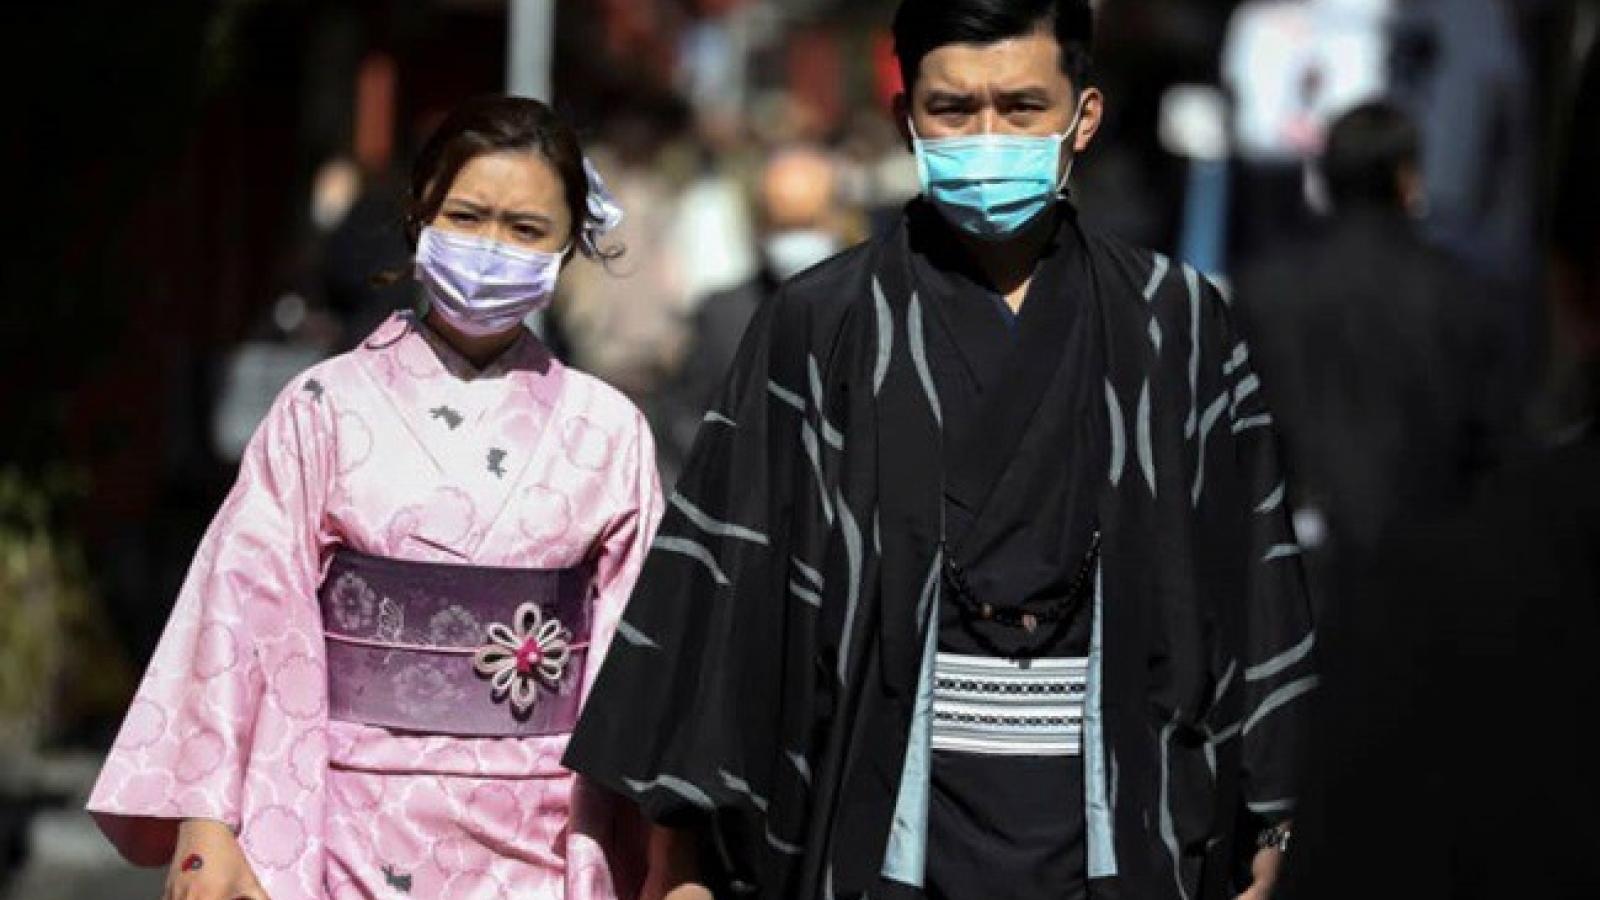 Nhật Bản cần tuyên bố tình trạng khẩn cấp dịch Covid-19 trở lại?